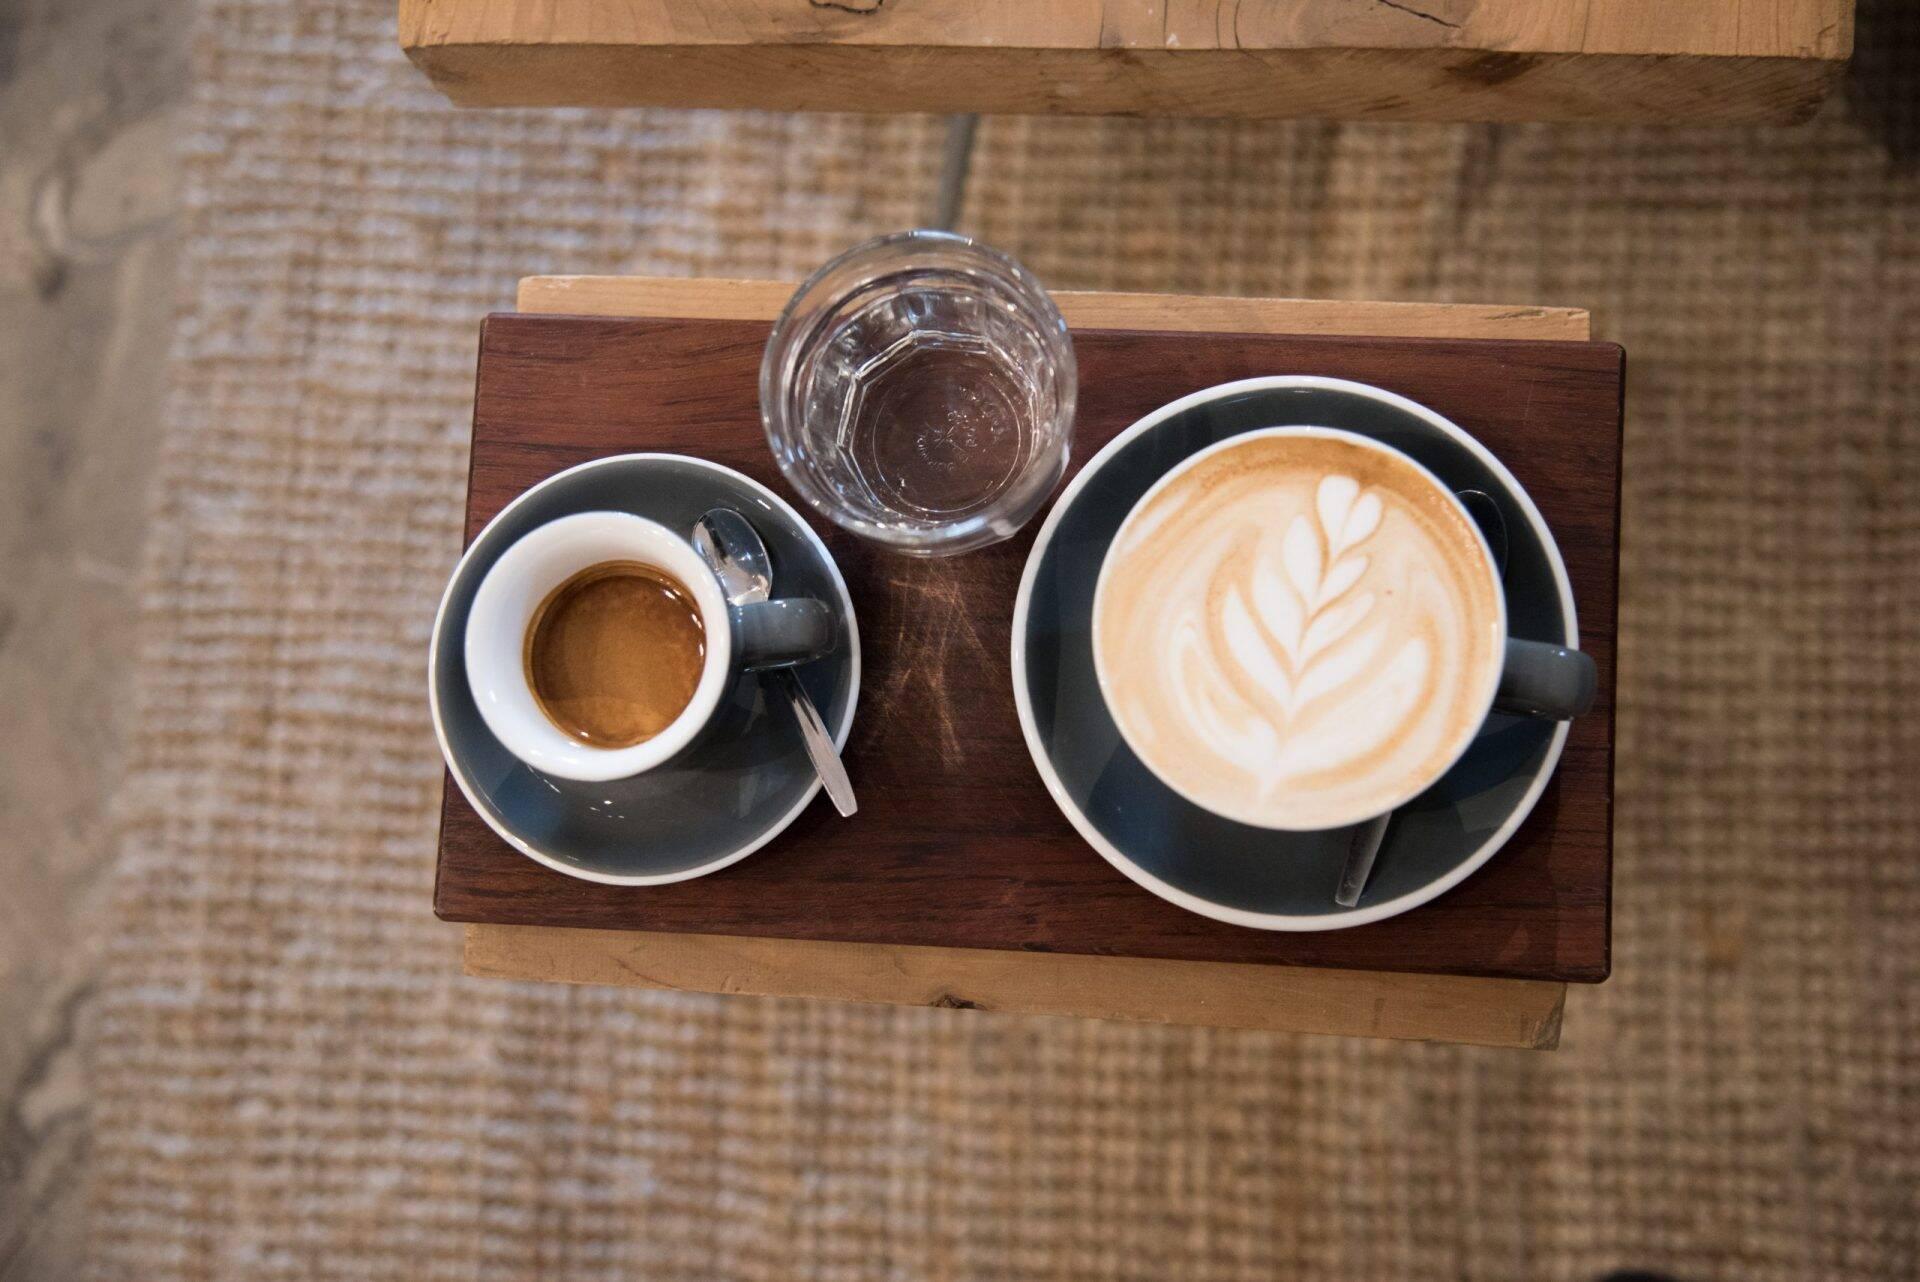 KOFFIE bij Joost en Maartje in Maastricht